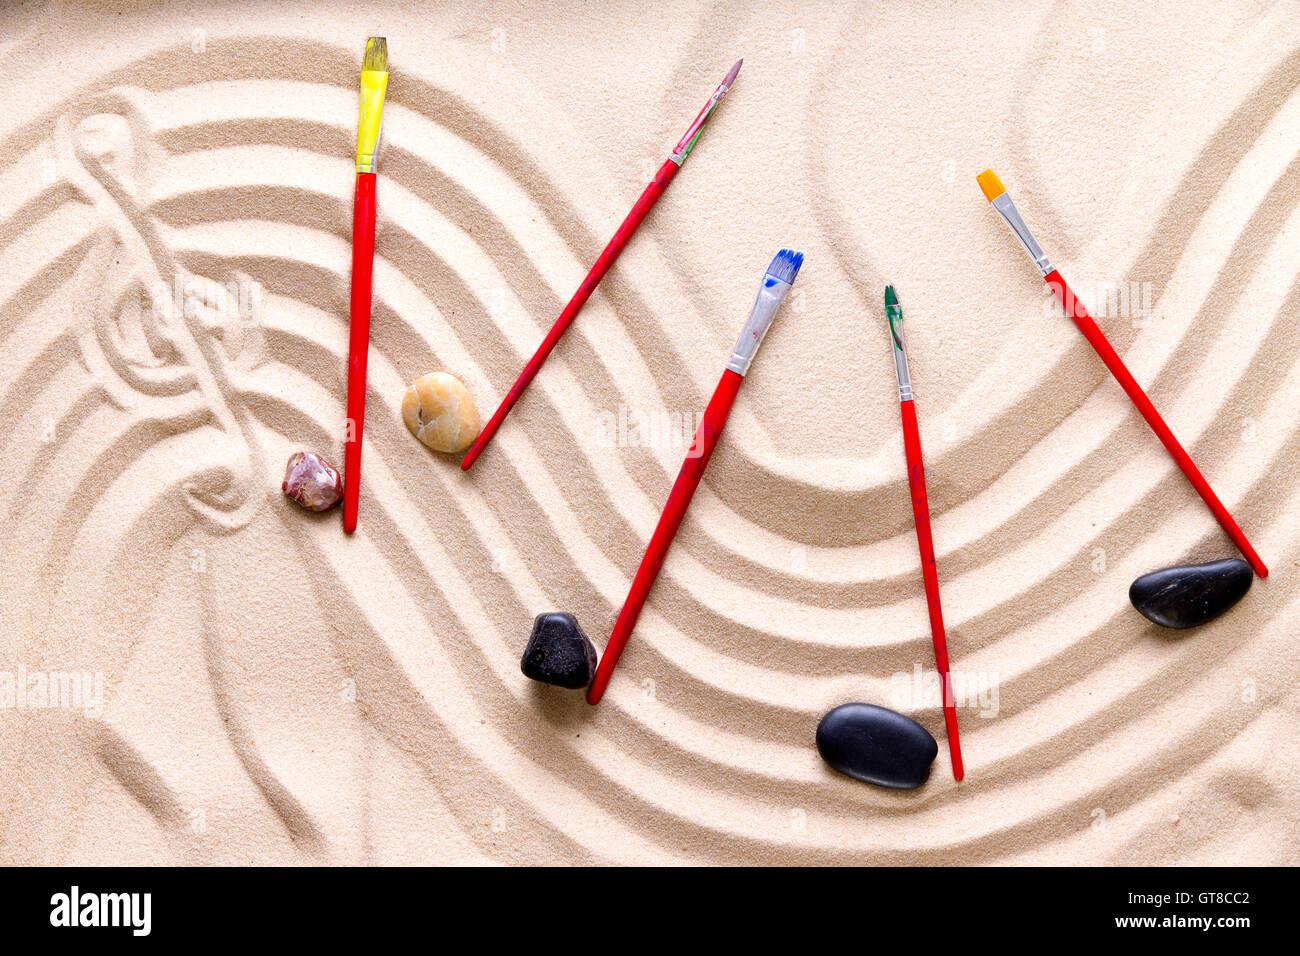 Harmonie und Musik am Strand mit einer künstlerischen Konzeptbild einer wellenförmigen Partitur gezogen Stockbild